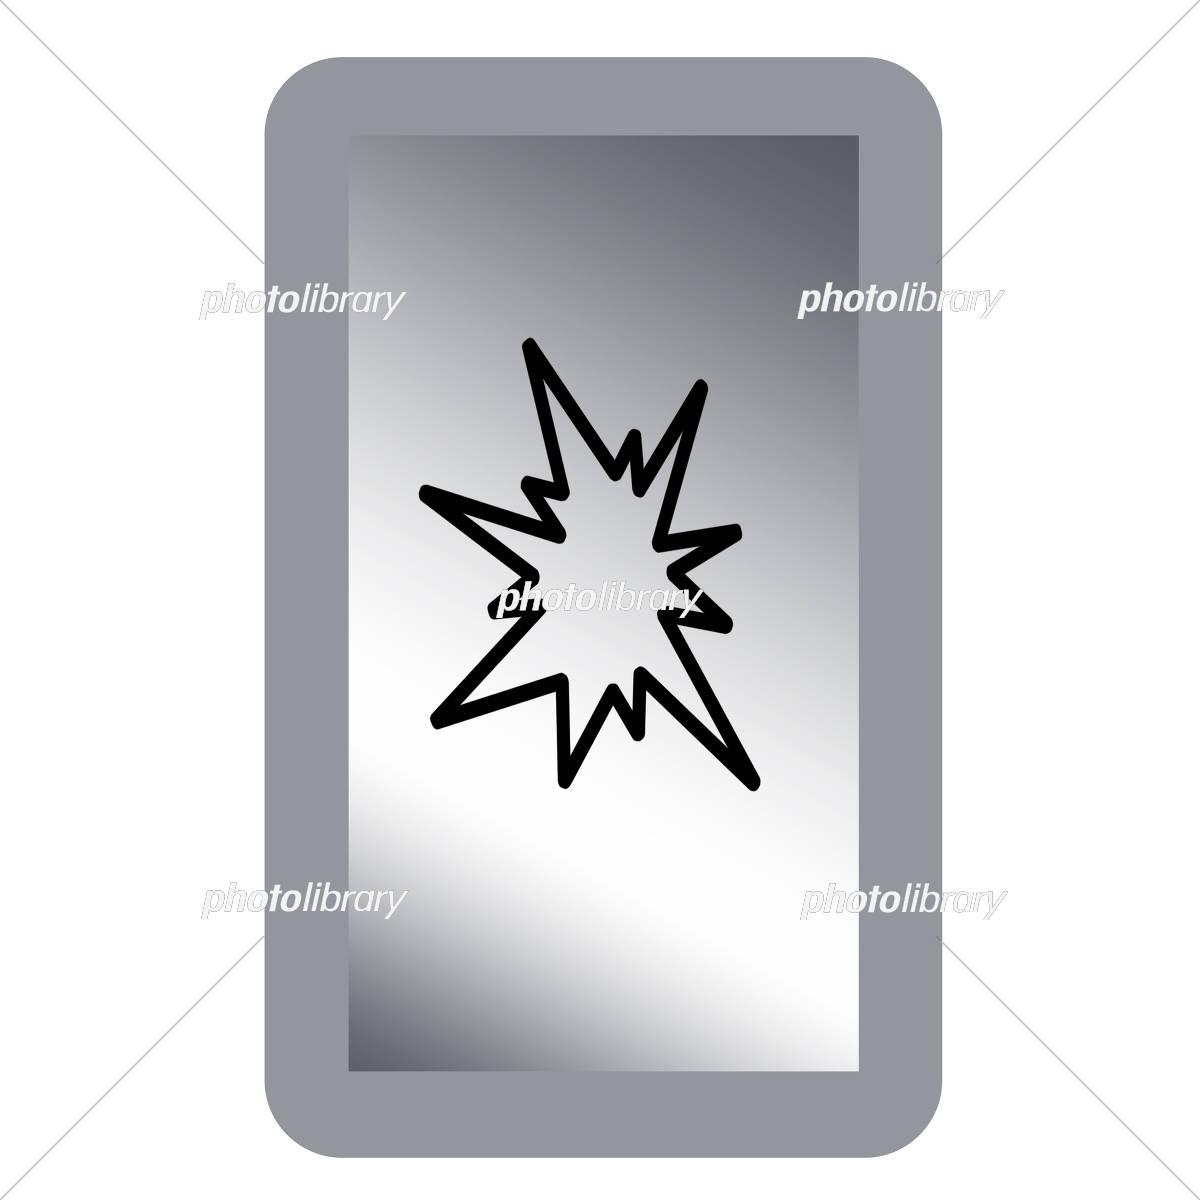 割れたスマホの画面 イラスト素材 5135123 フォトライブラリー